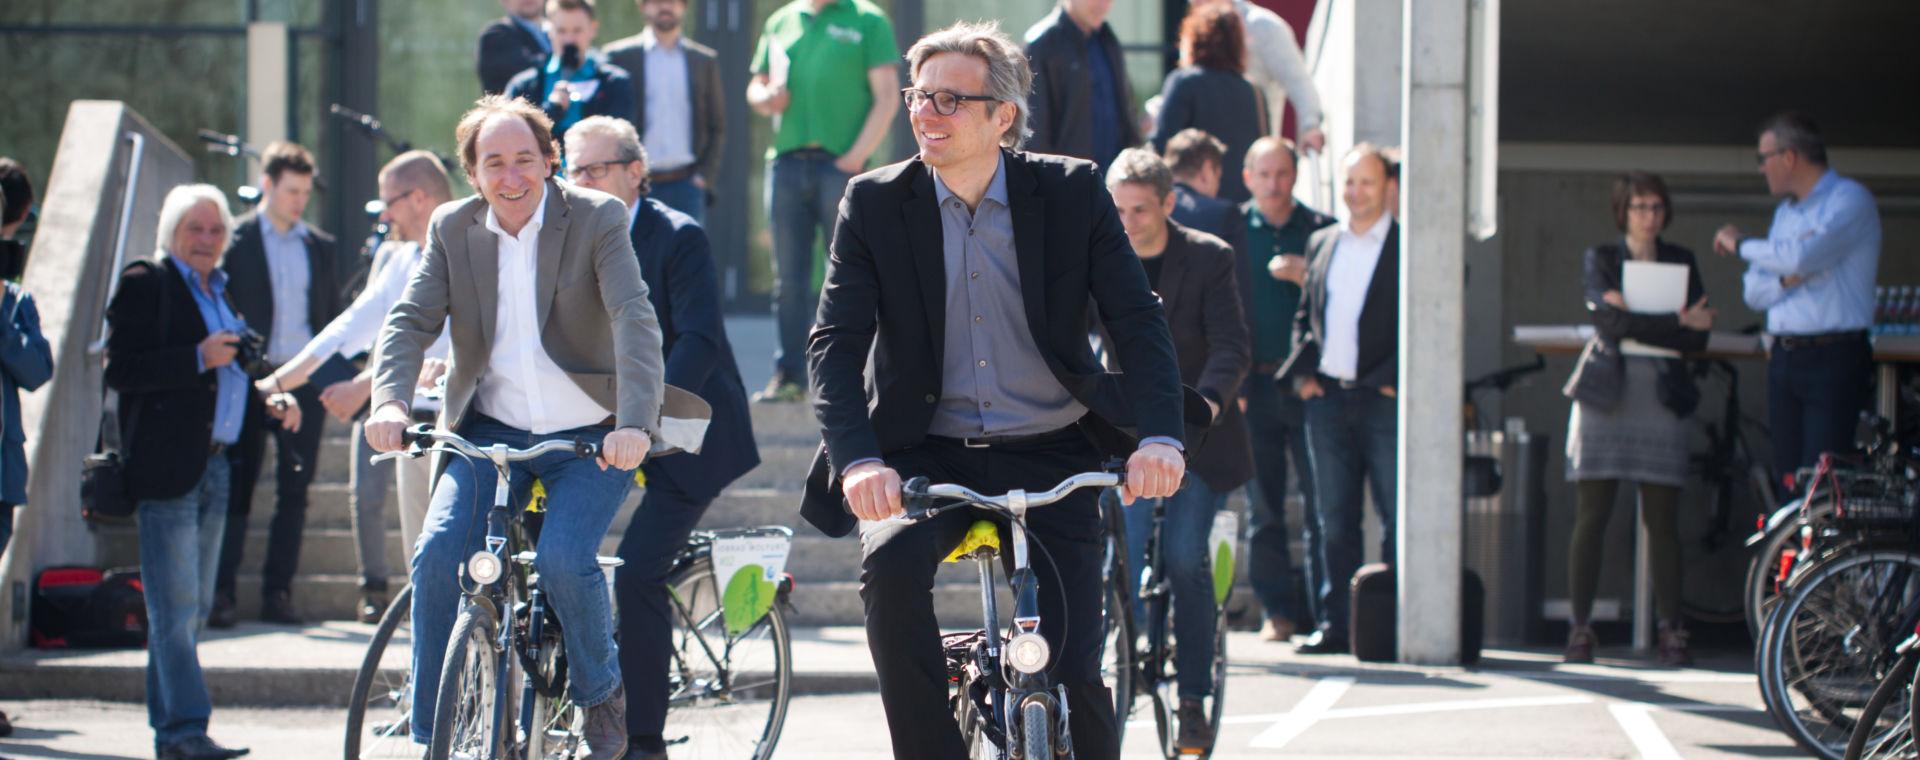 Wirtschaft MOBIL Betriebe setzen aufs Rad statt aufs Auto. Gerald Fitz, Johannes Collini, Johannes Rauch und Martin Reis.